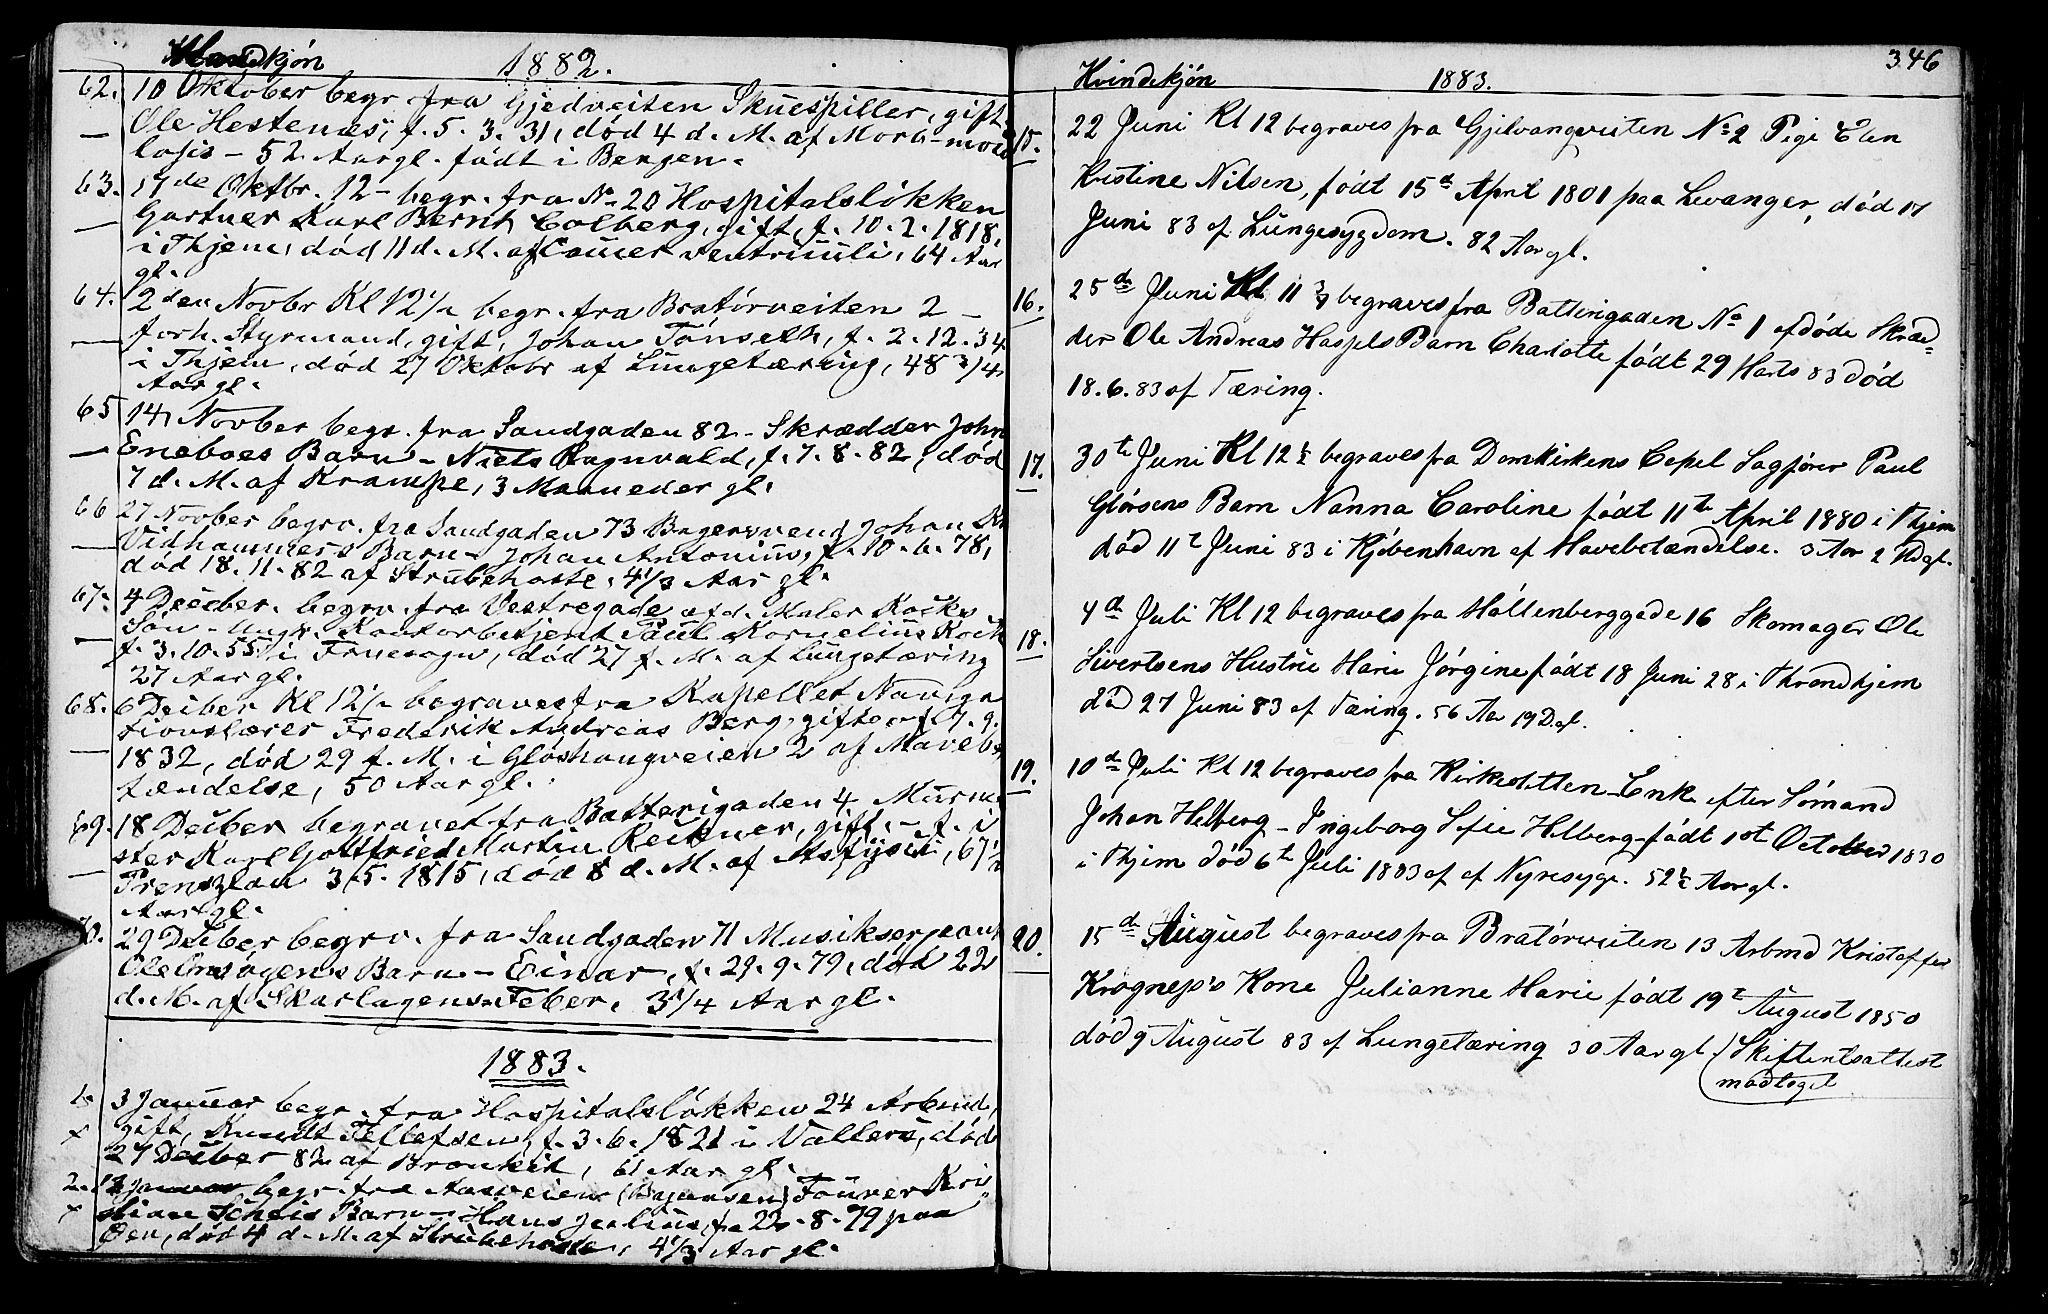 SAT, Ministerialprotokoller, klokkerbøker og fødselsregistre - Sør-Trøndelag, 602/L0142: Klokkerbok nr. 602C10, 1872-1894, s. 346